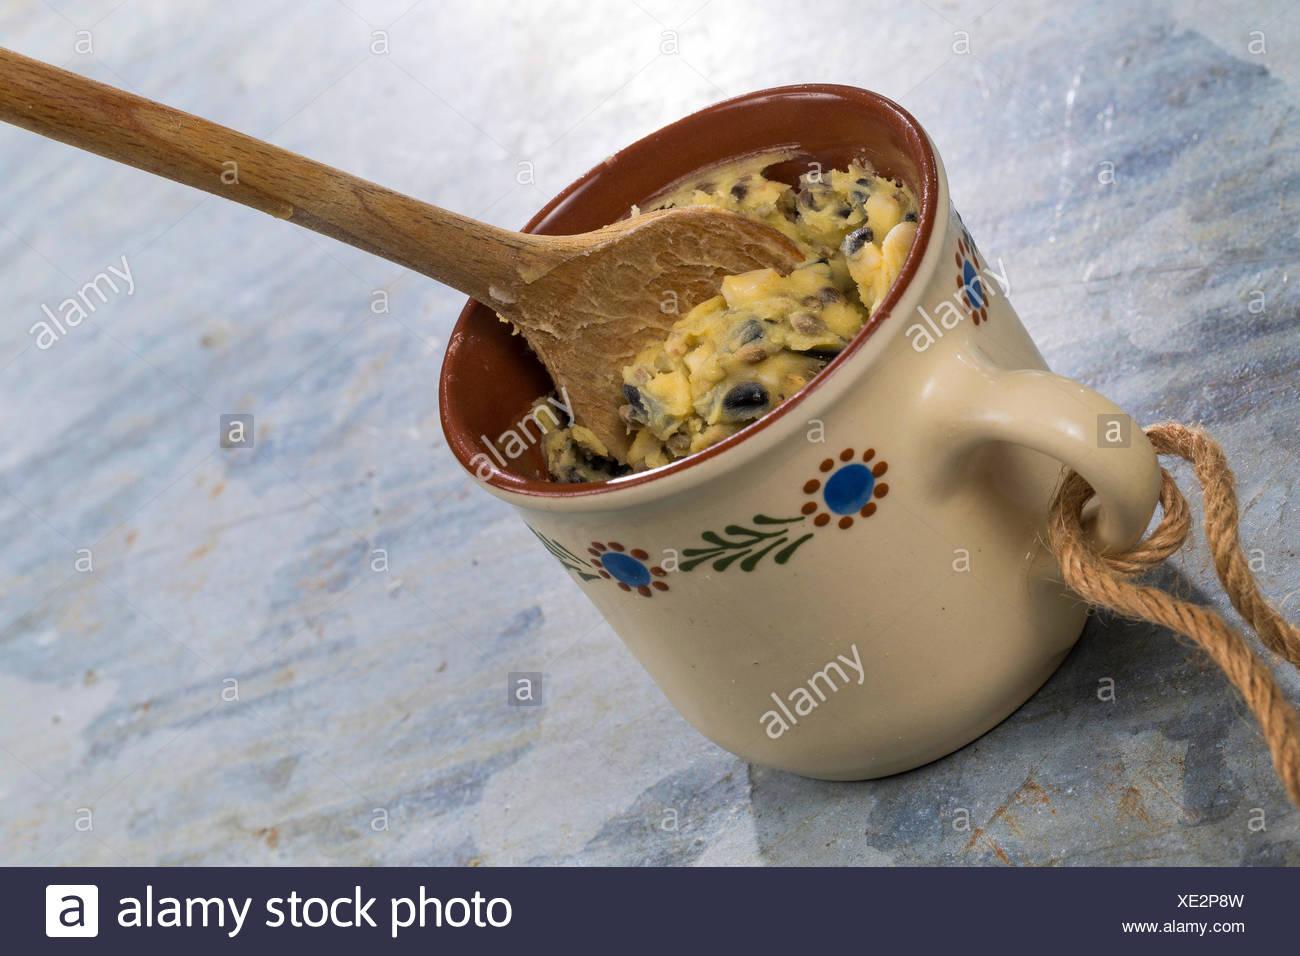 selbstgemachtes Vogelfutter wird in eine Tasse zum Aufhaengen gefuellt   self made birdseeds are filled in a cup   BLWS419327.jp Stock Photo